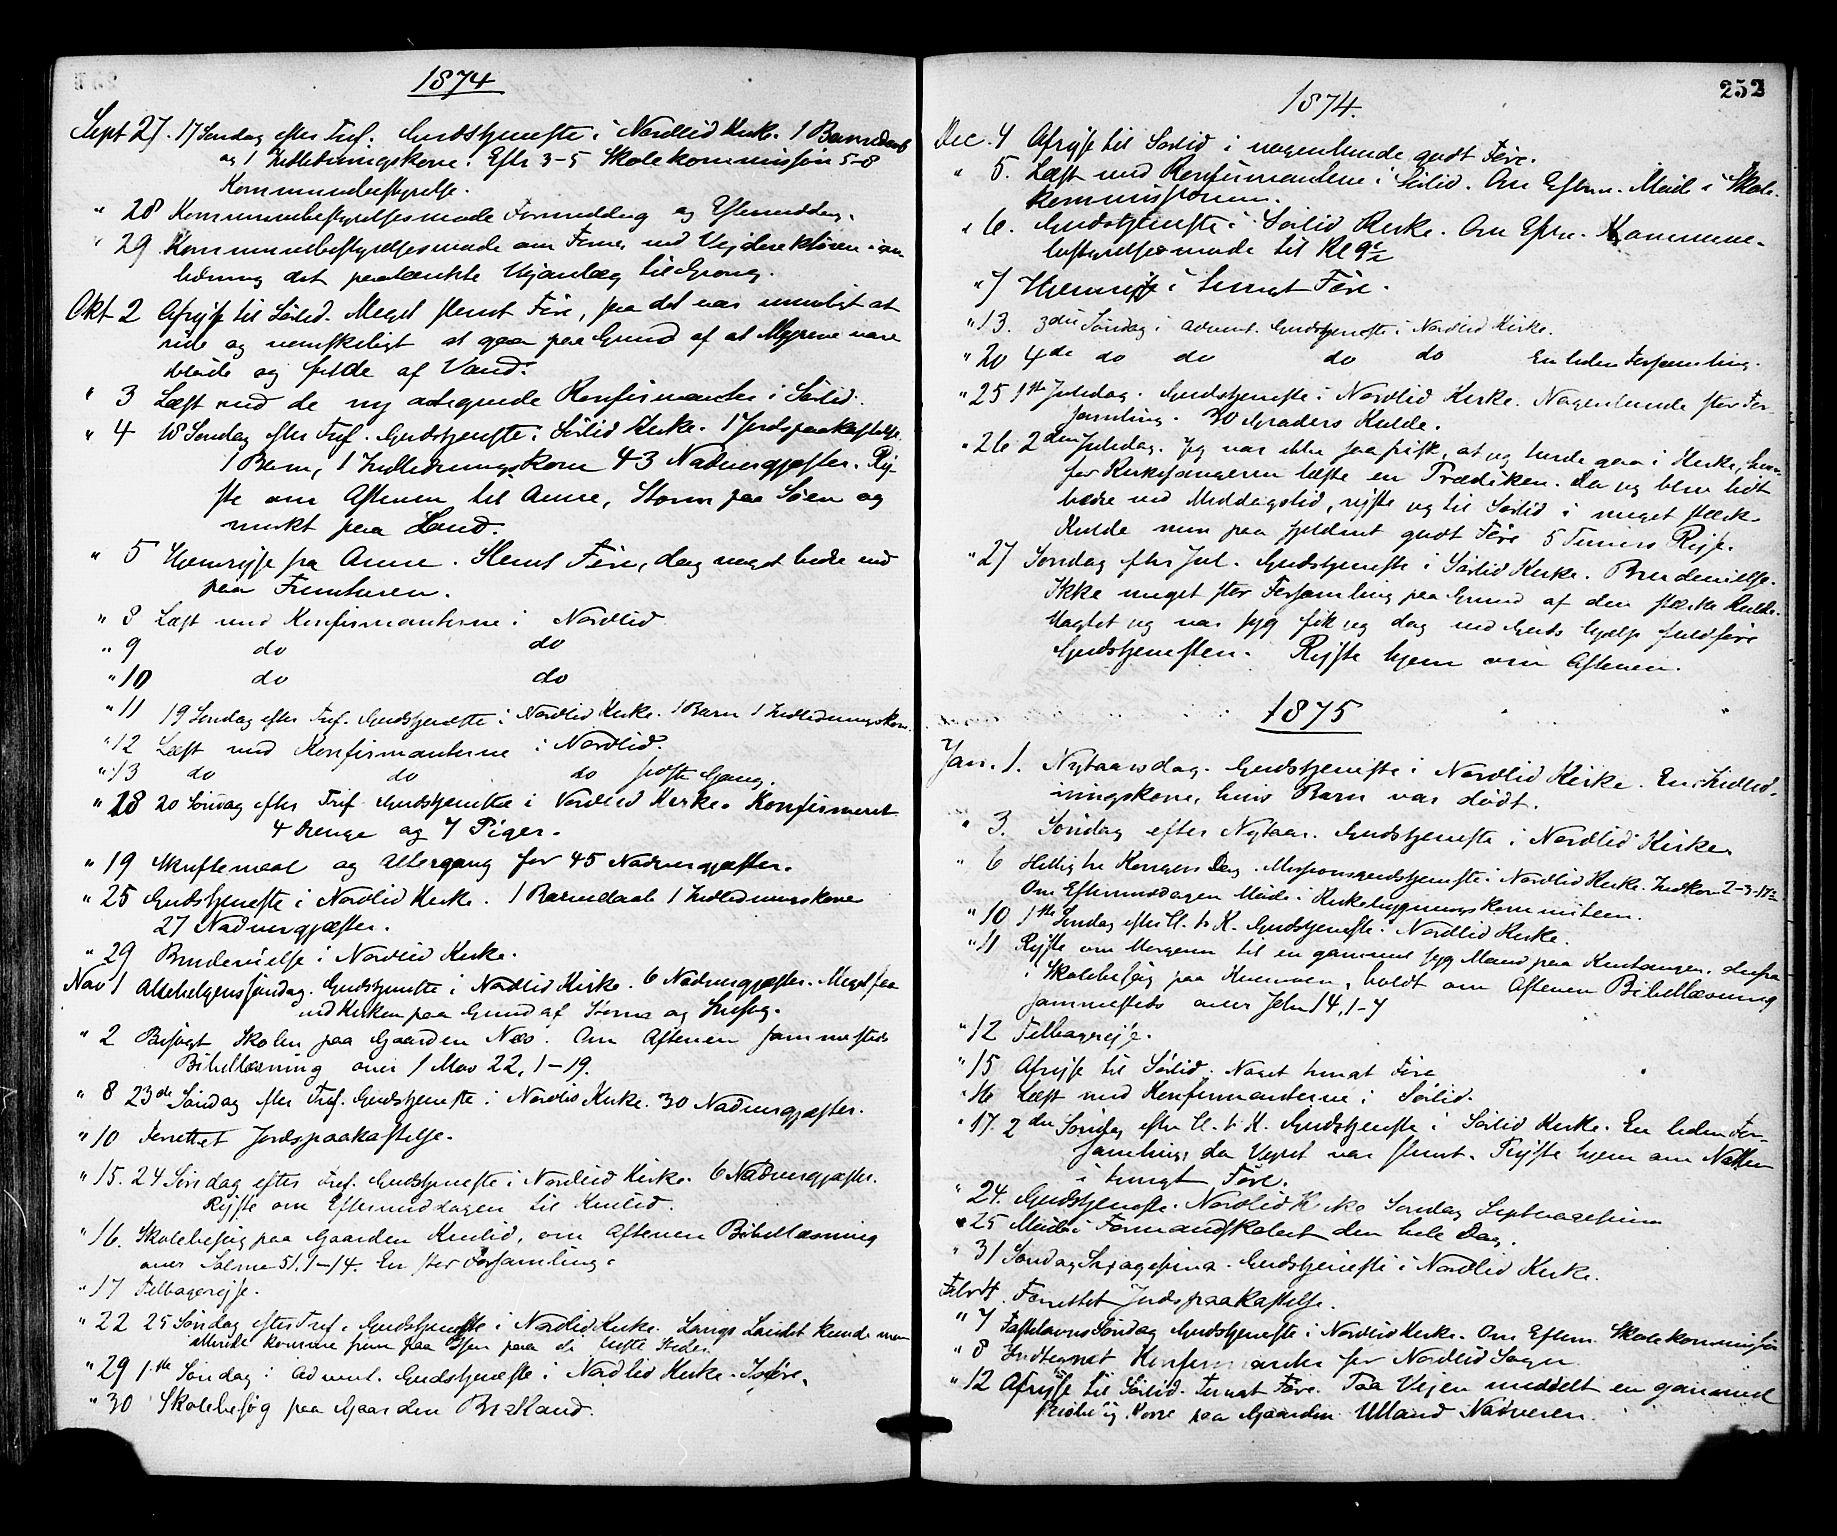 SAT, Ministerialprotokoller, klokkerbøker og fødselsregistre - Nord-Trøndelag, 755/L0493: Ministerialbok nr. 755A02, 1865-1881, s. 252